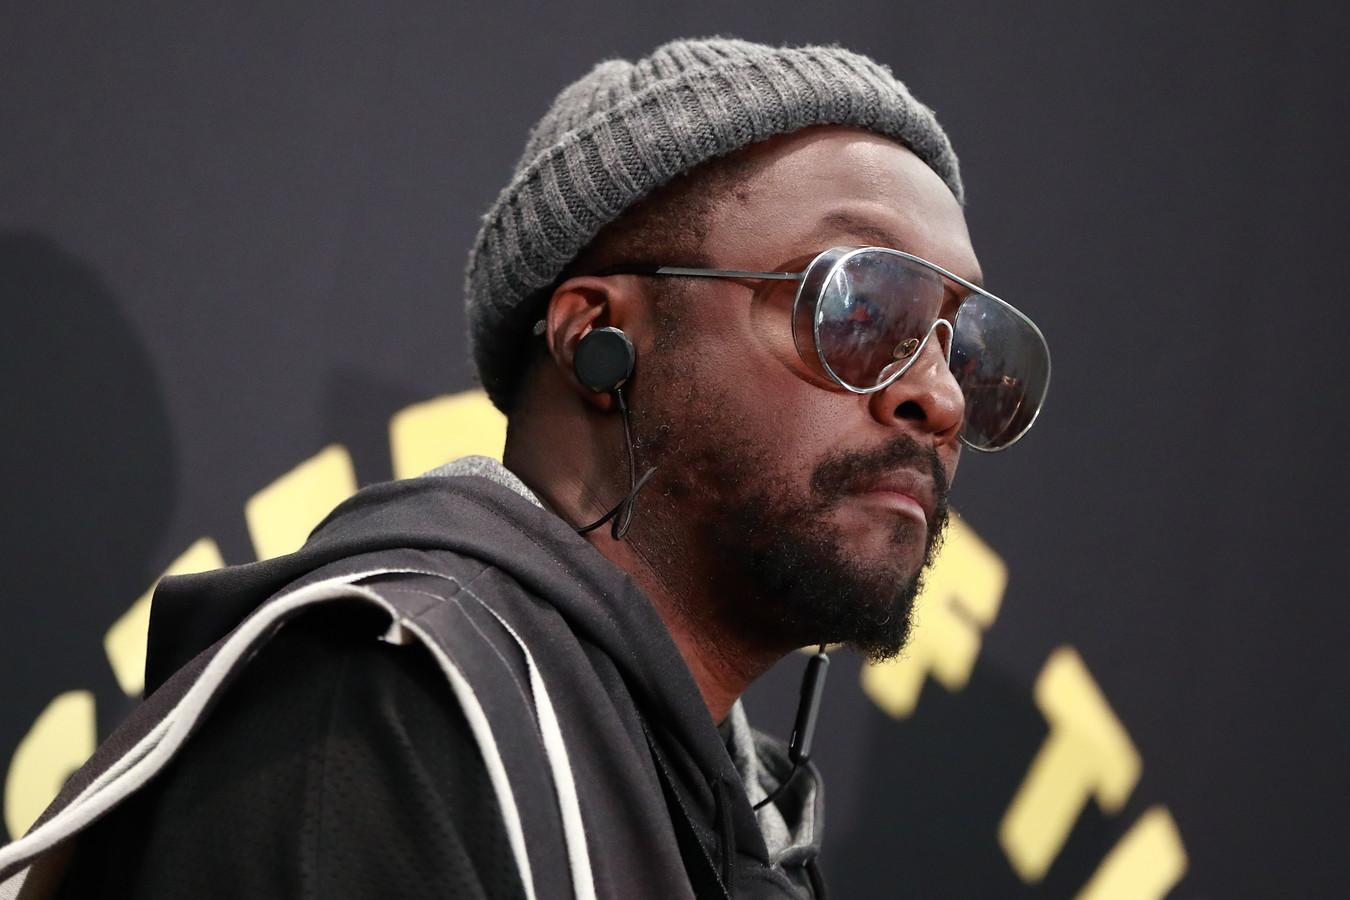 Black Eyed Peas-frontman Will.i.am zegt door een stewardess van zijn vlucht gehaald te zijn, omdat hij zwart is. Uiteindelijk moest hij zelfs uit het vliegtuig geëscorteerd worden door vijf politieagenten. Dat onthult de rapper op zijn Twitteraccount.